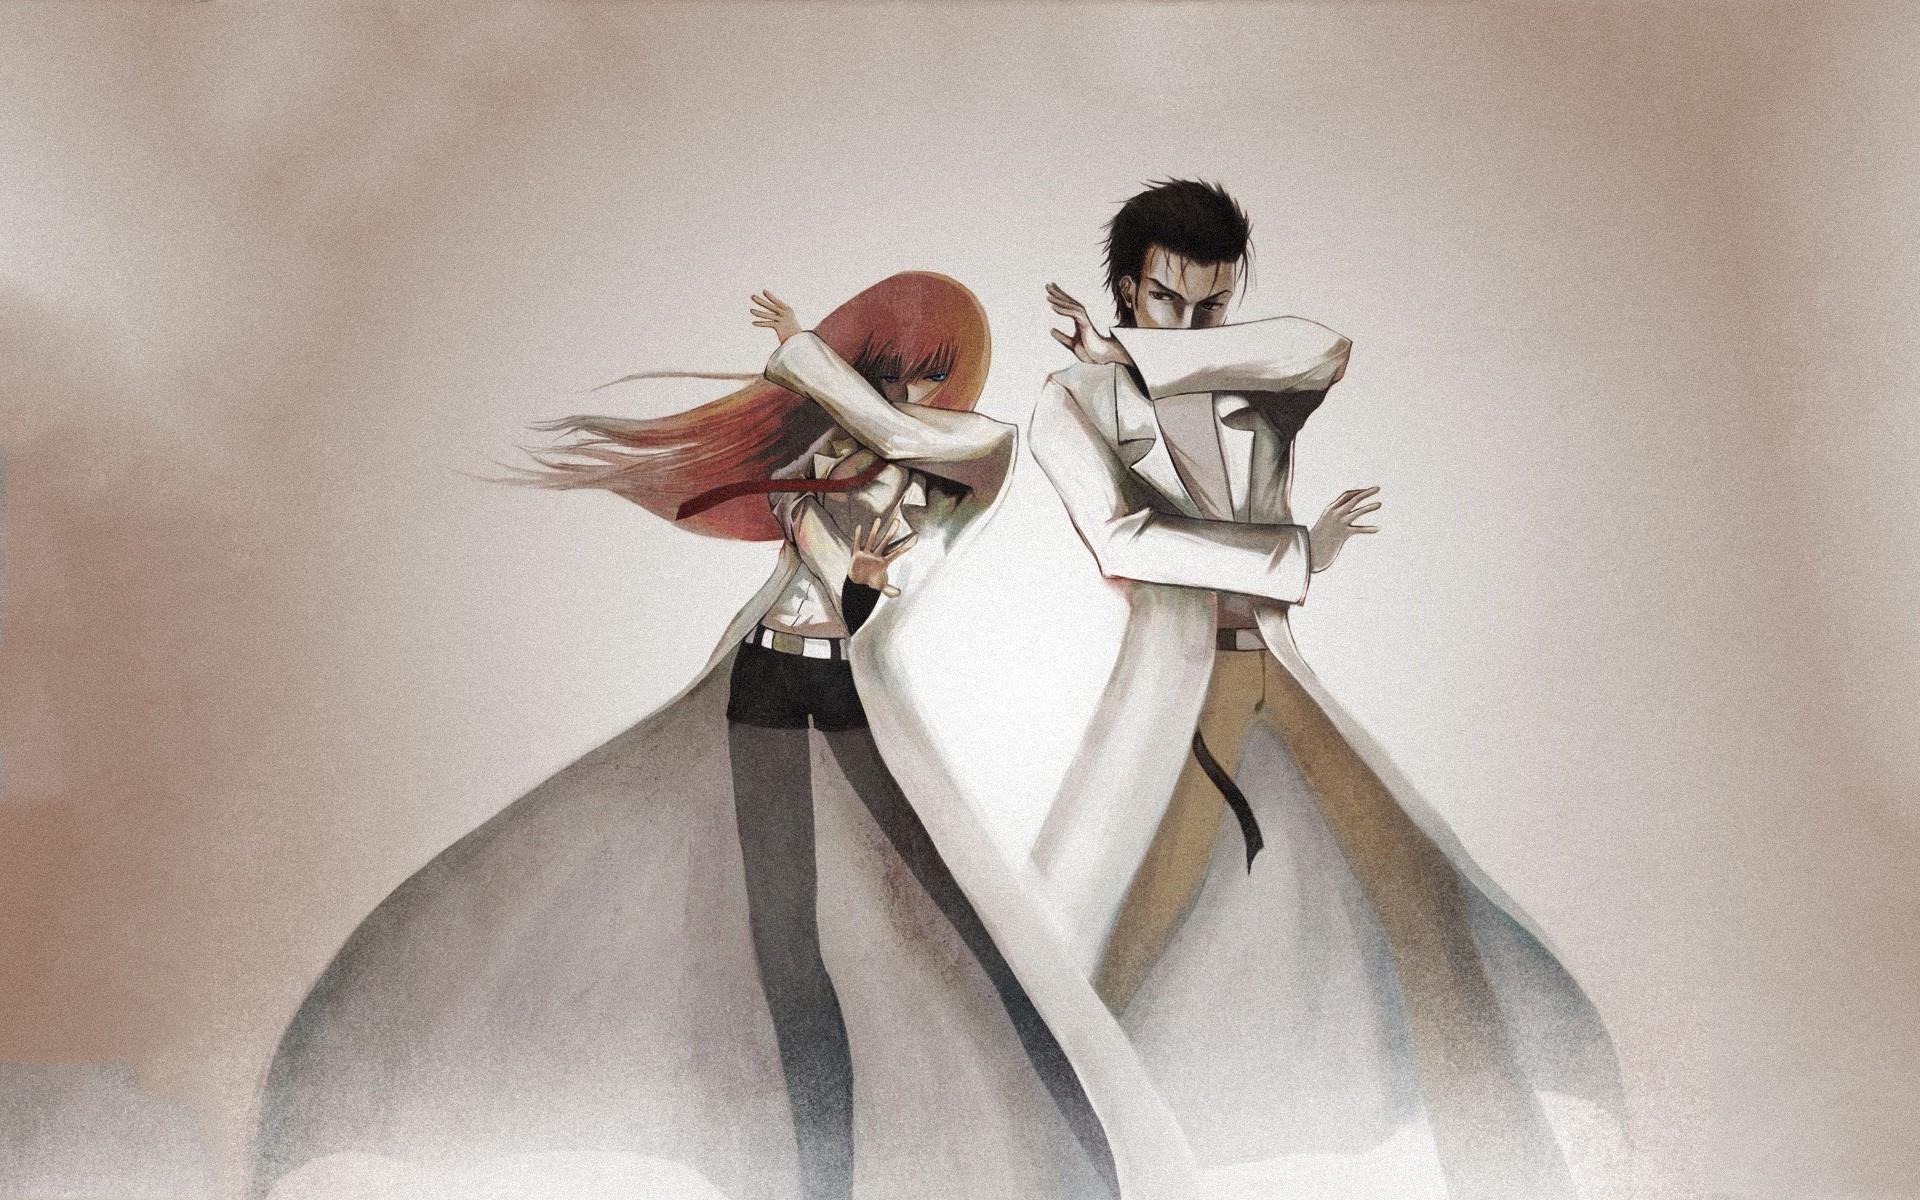 <b>Steins Gate</b> Full HD <b>Wallpaper<